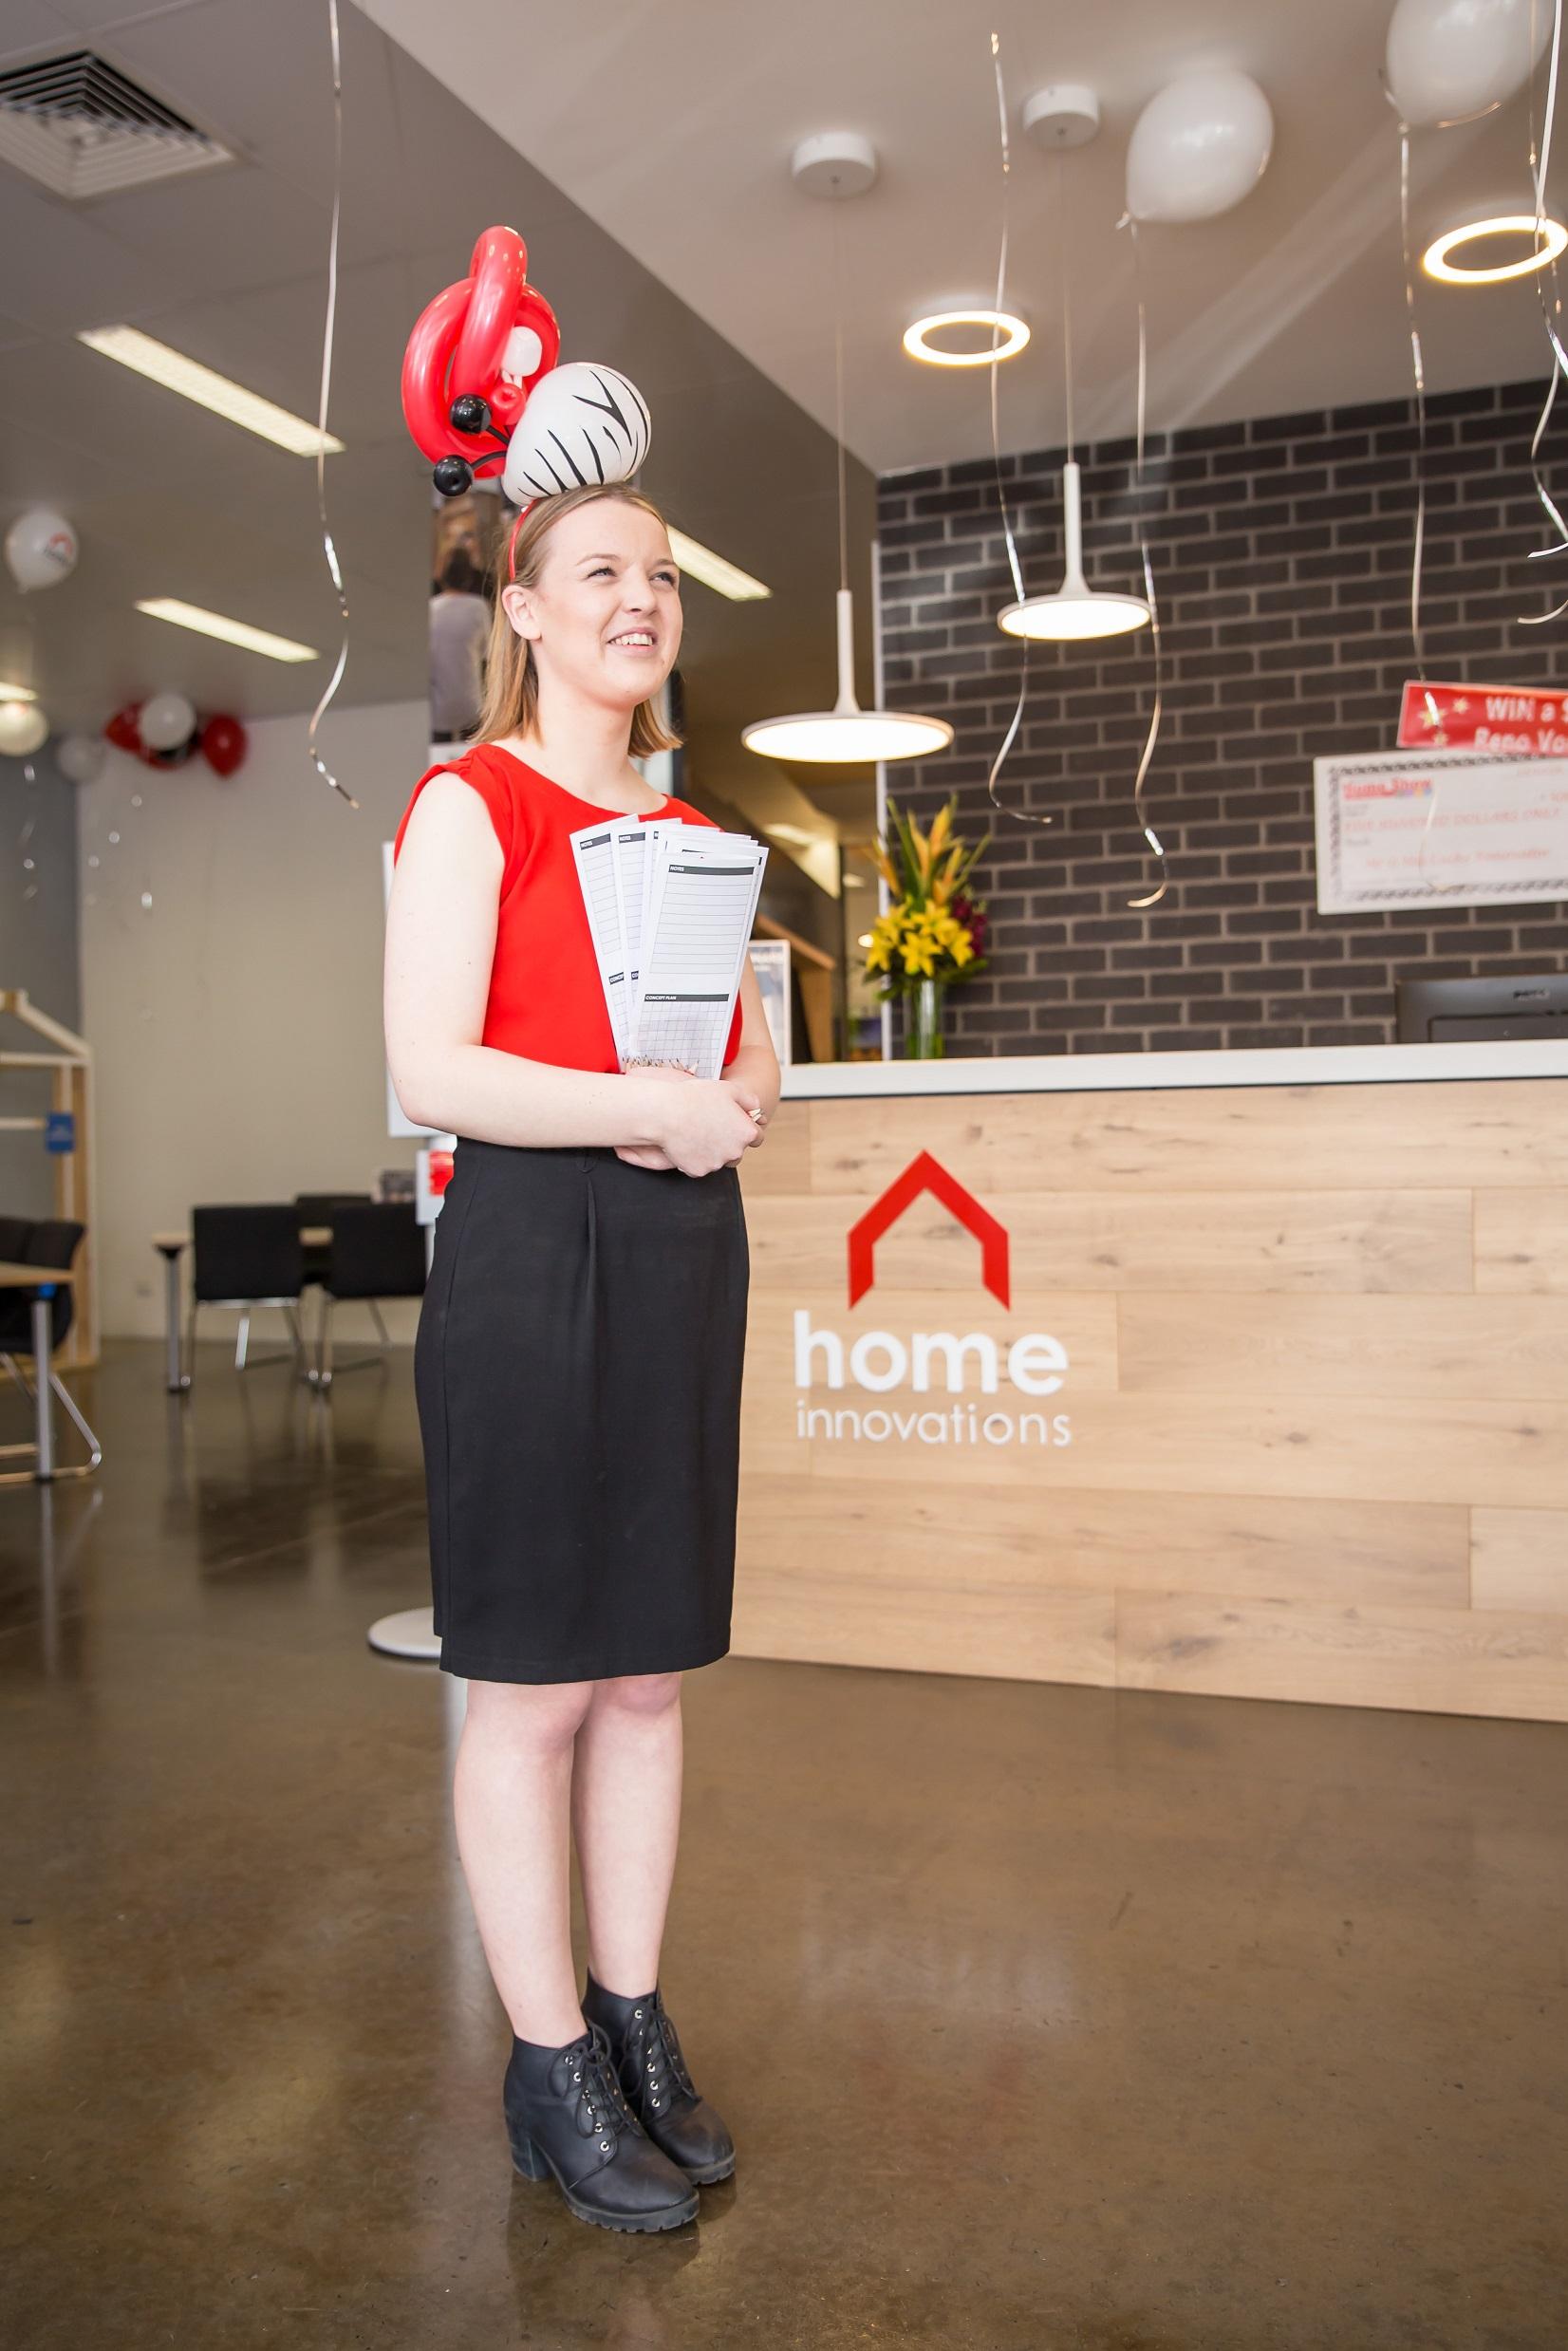 home-innovations-21-copy